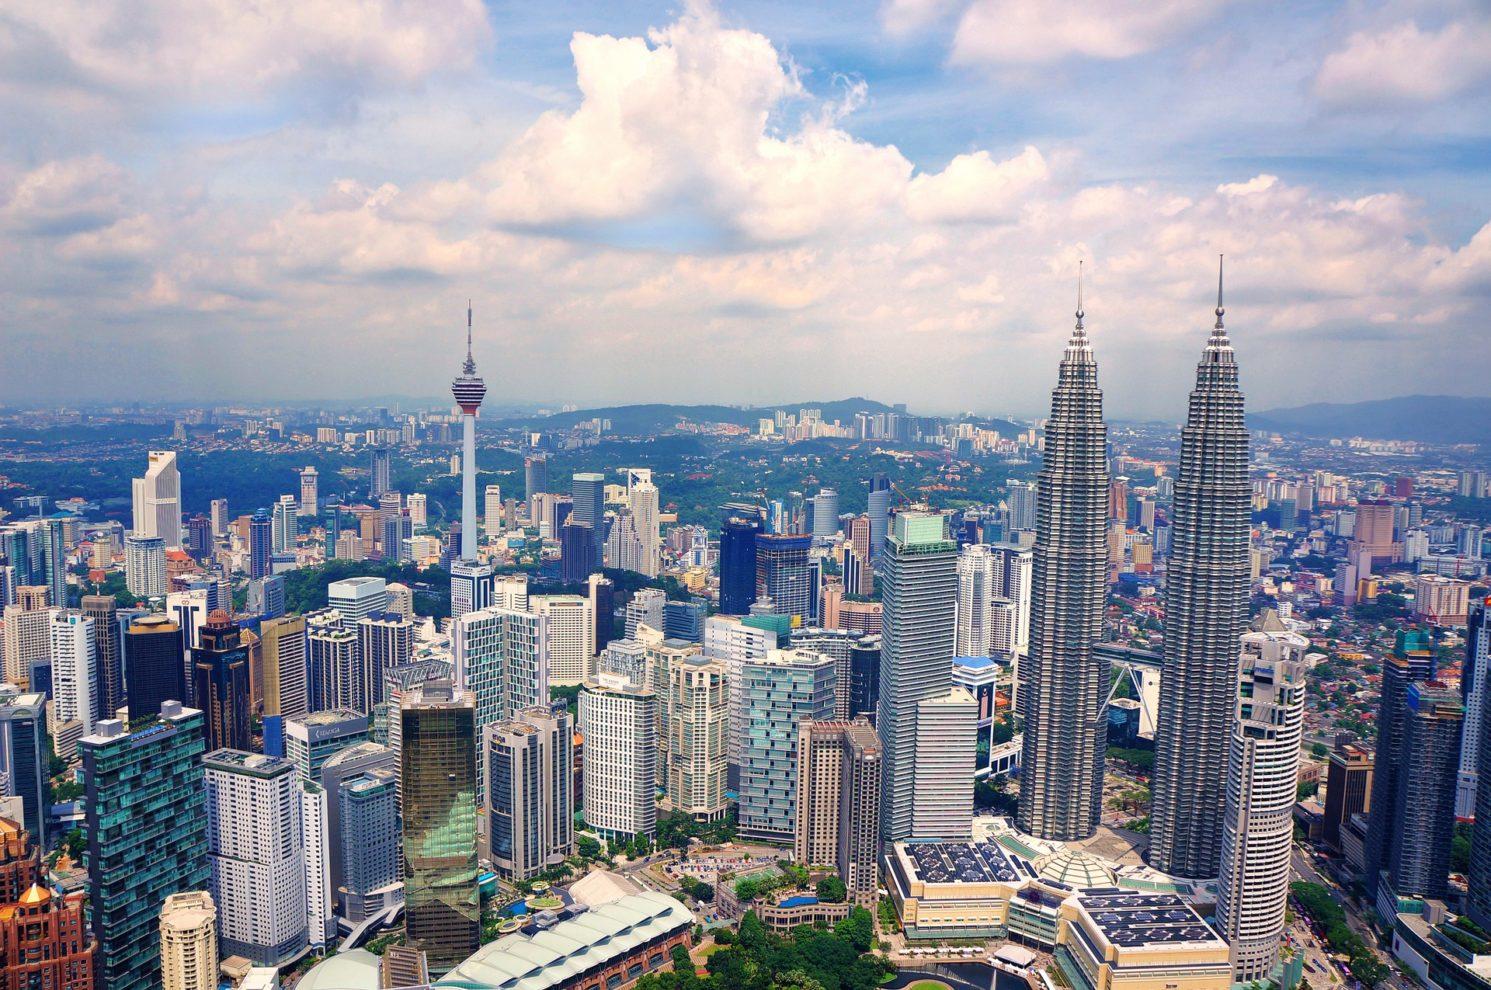 city 1284258 1920 - 海外移住したい国No.1!マレーシアに人が集まる理由5選